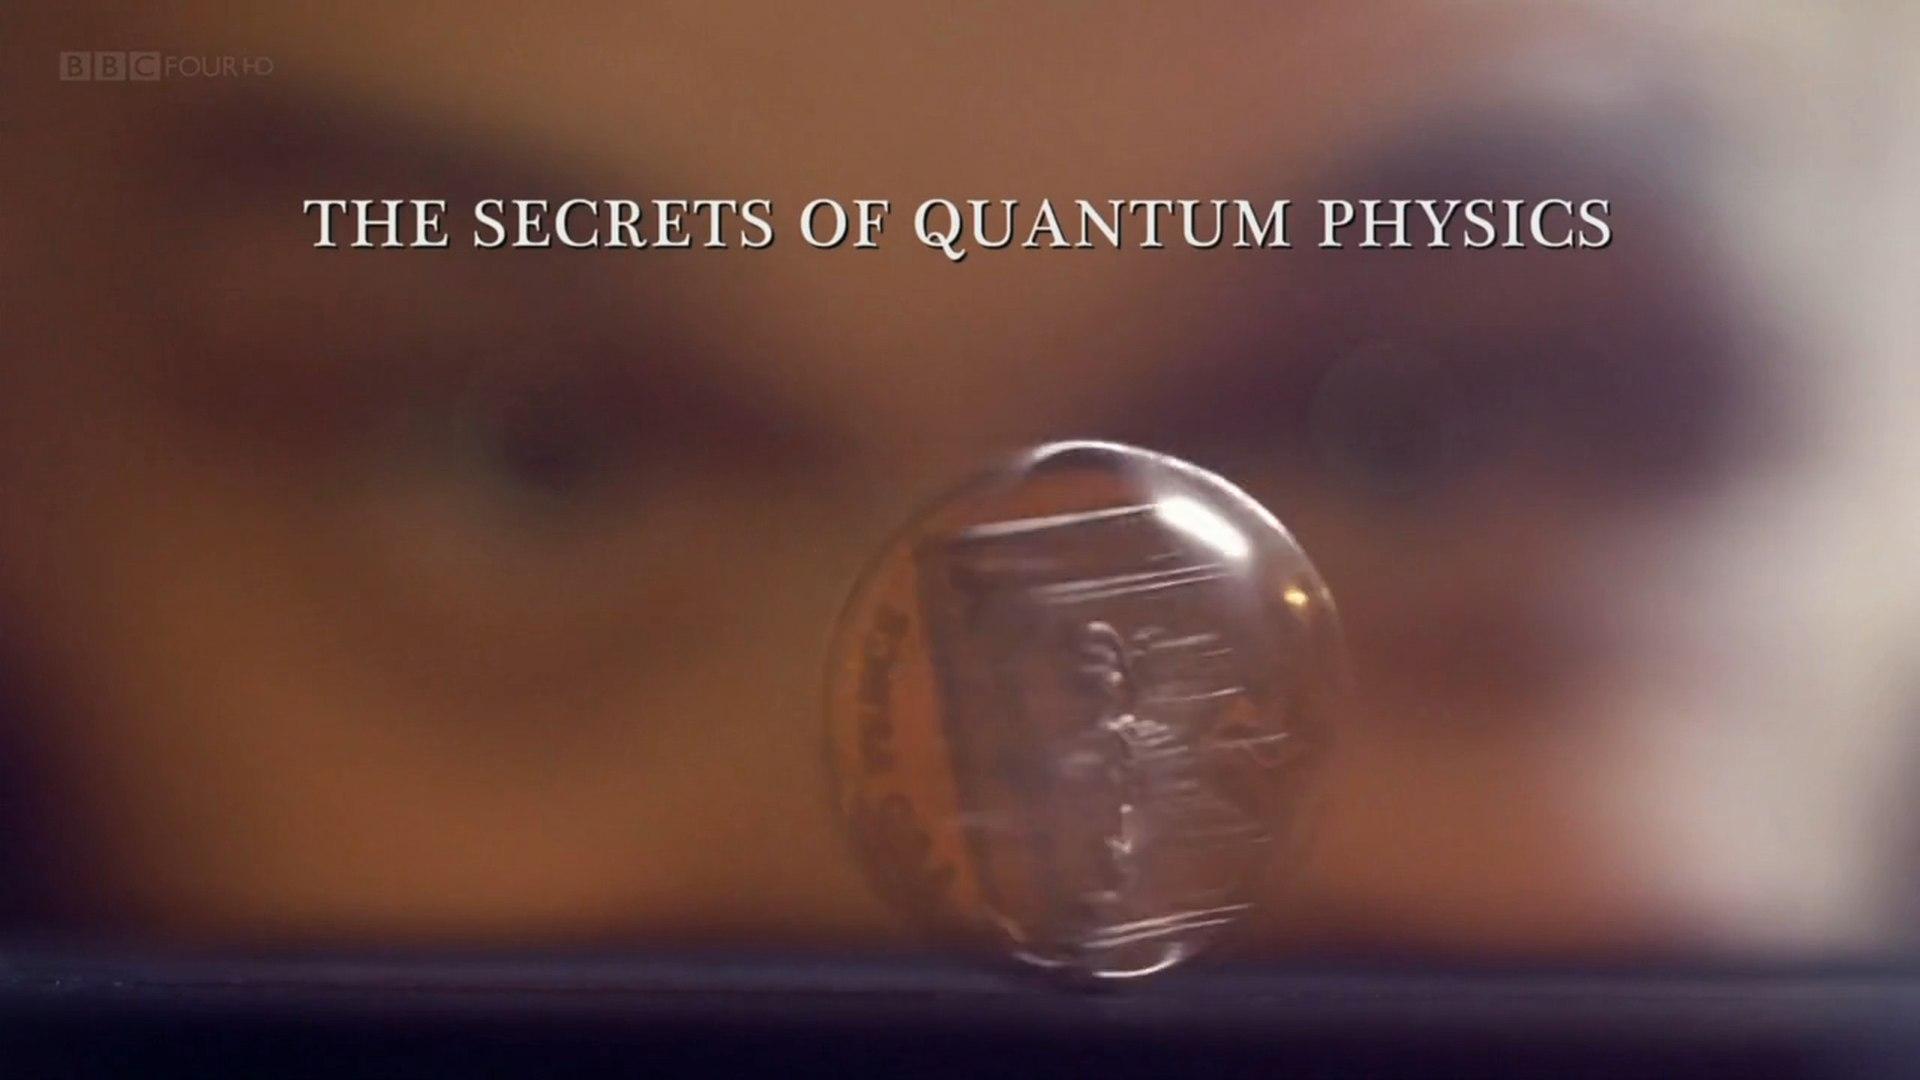 BBC Тайны загадки и секреты квантовой физики 2 серия Да будет жизнь (2014) HD Проф. Озвучка